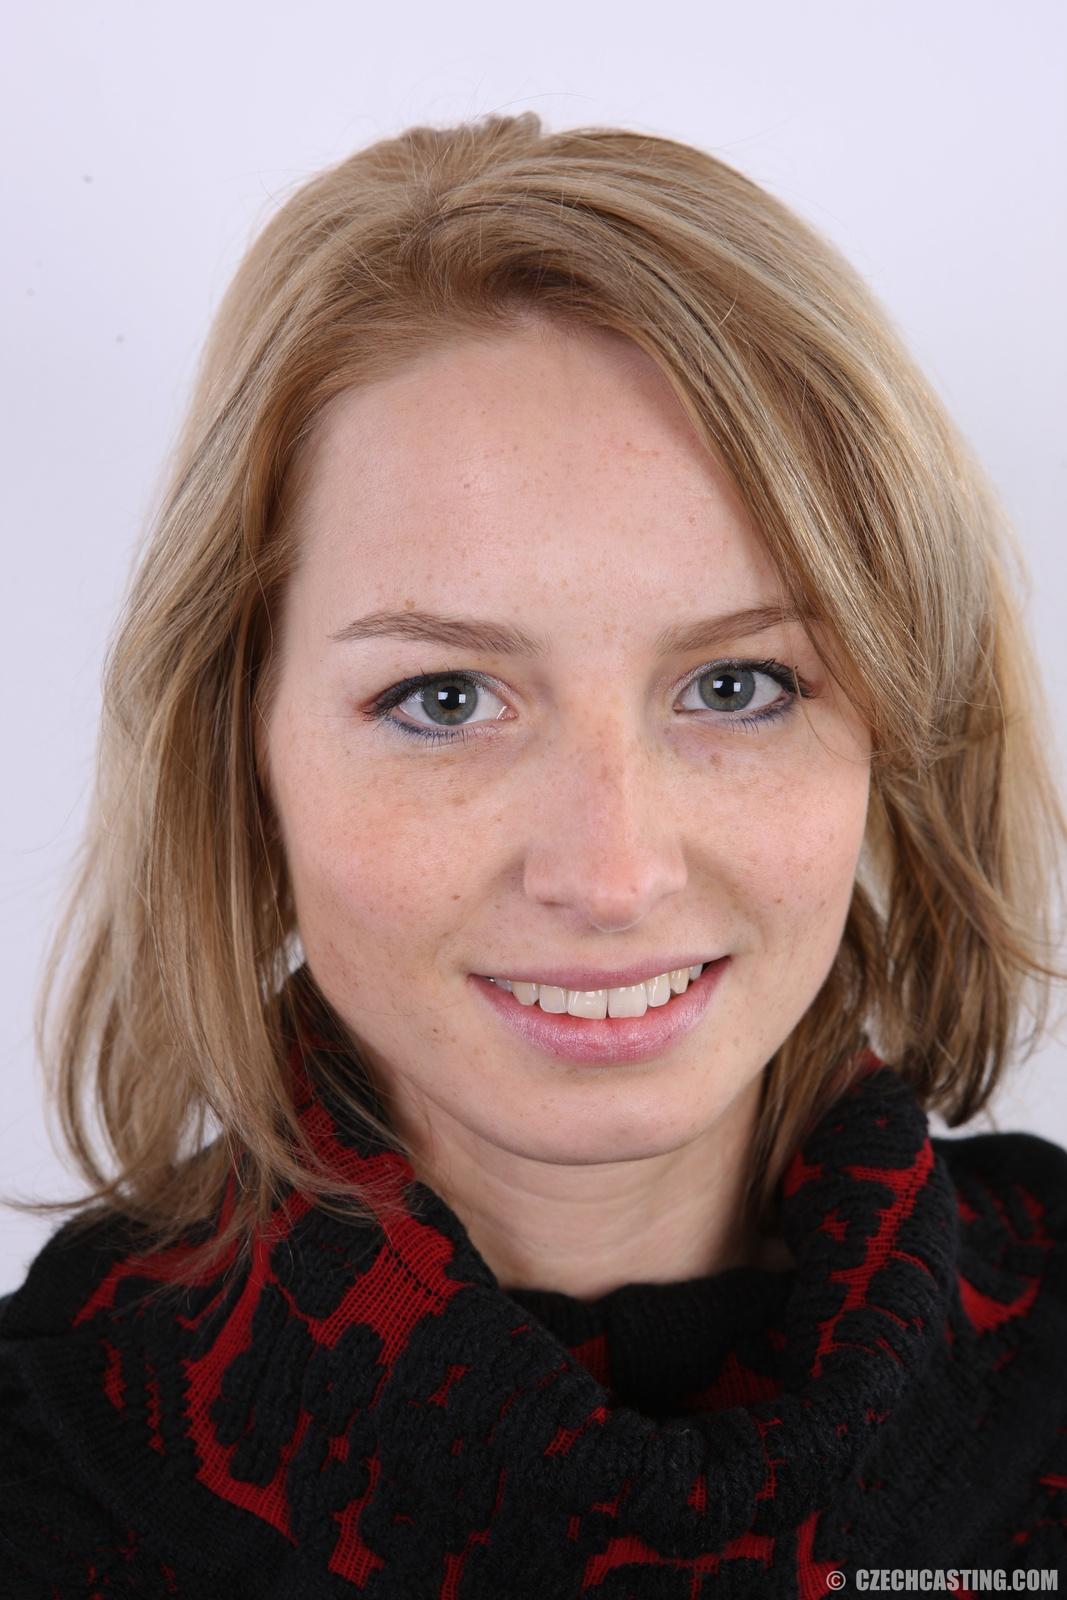 Jana - Czech Casting